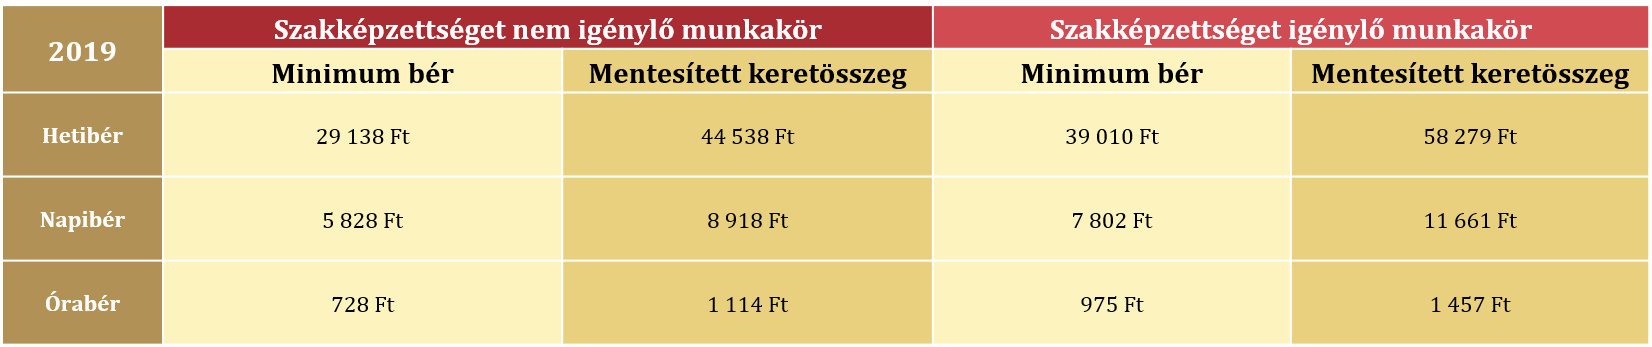 egyszerűsített-foglalkoztatás-minimum-bér-mentesített-keretösszeg-1